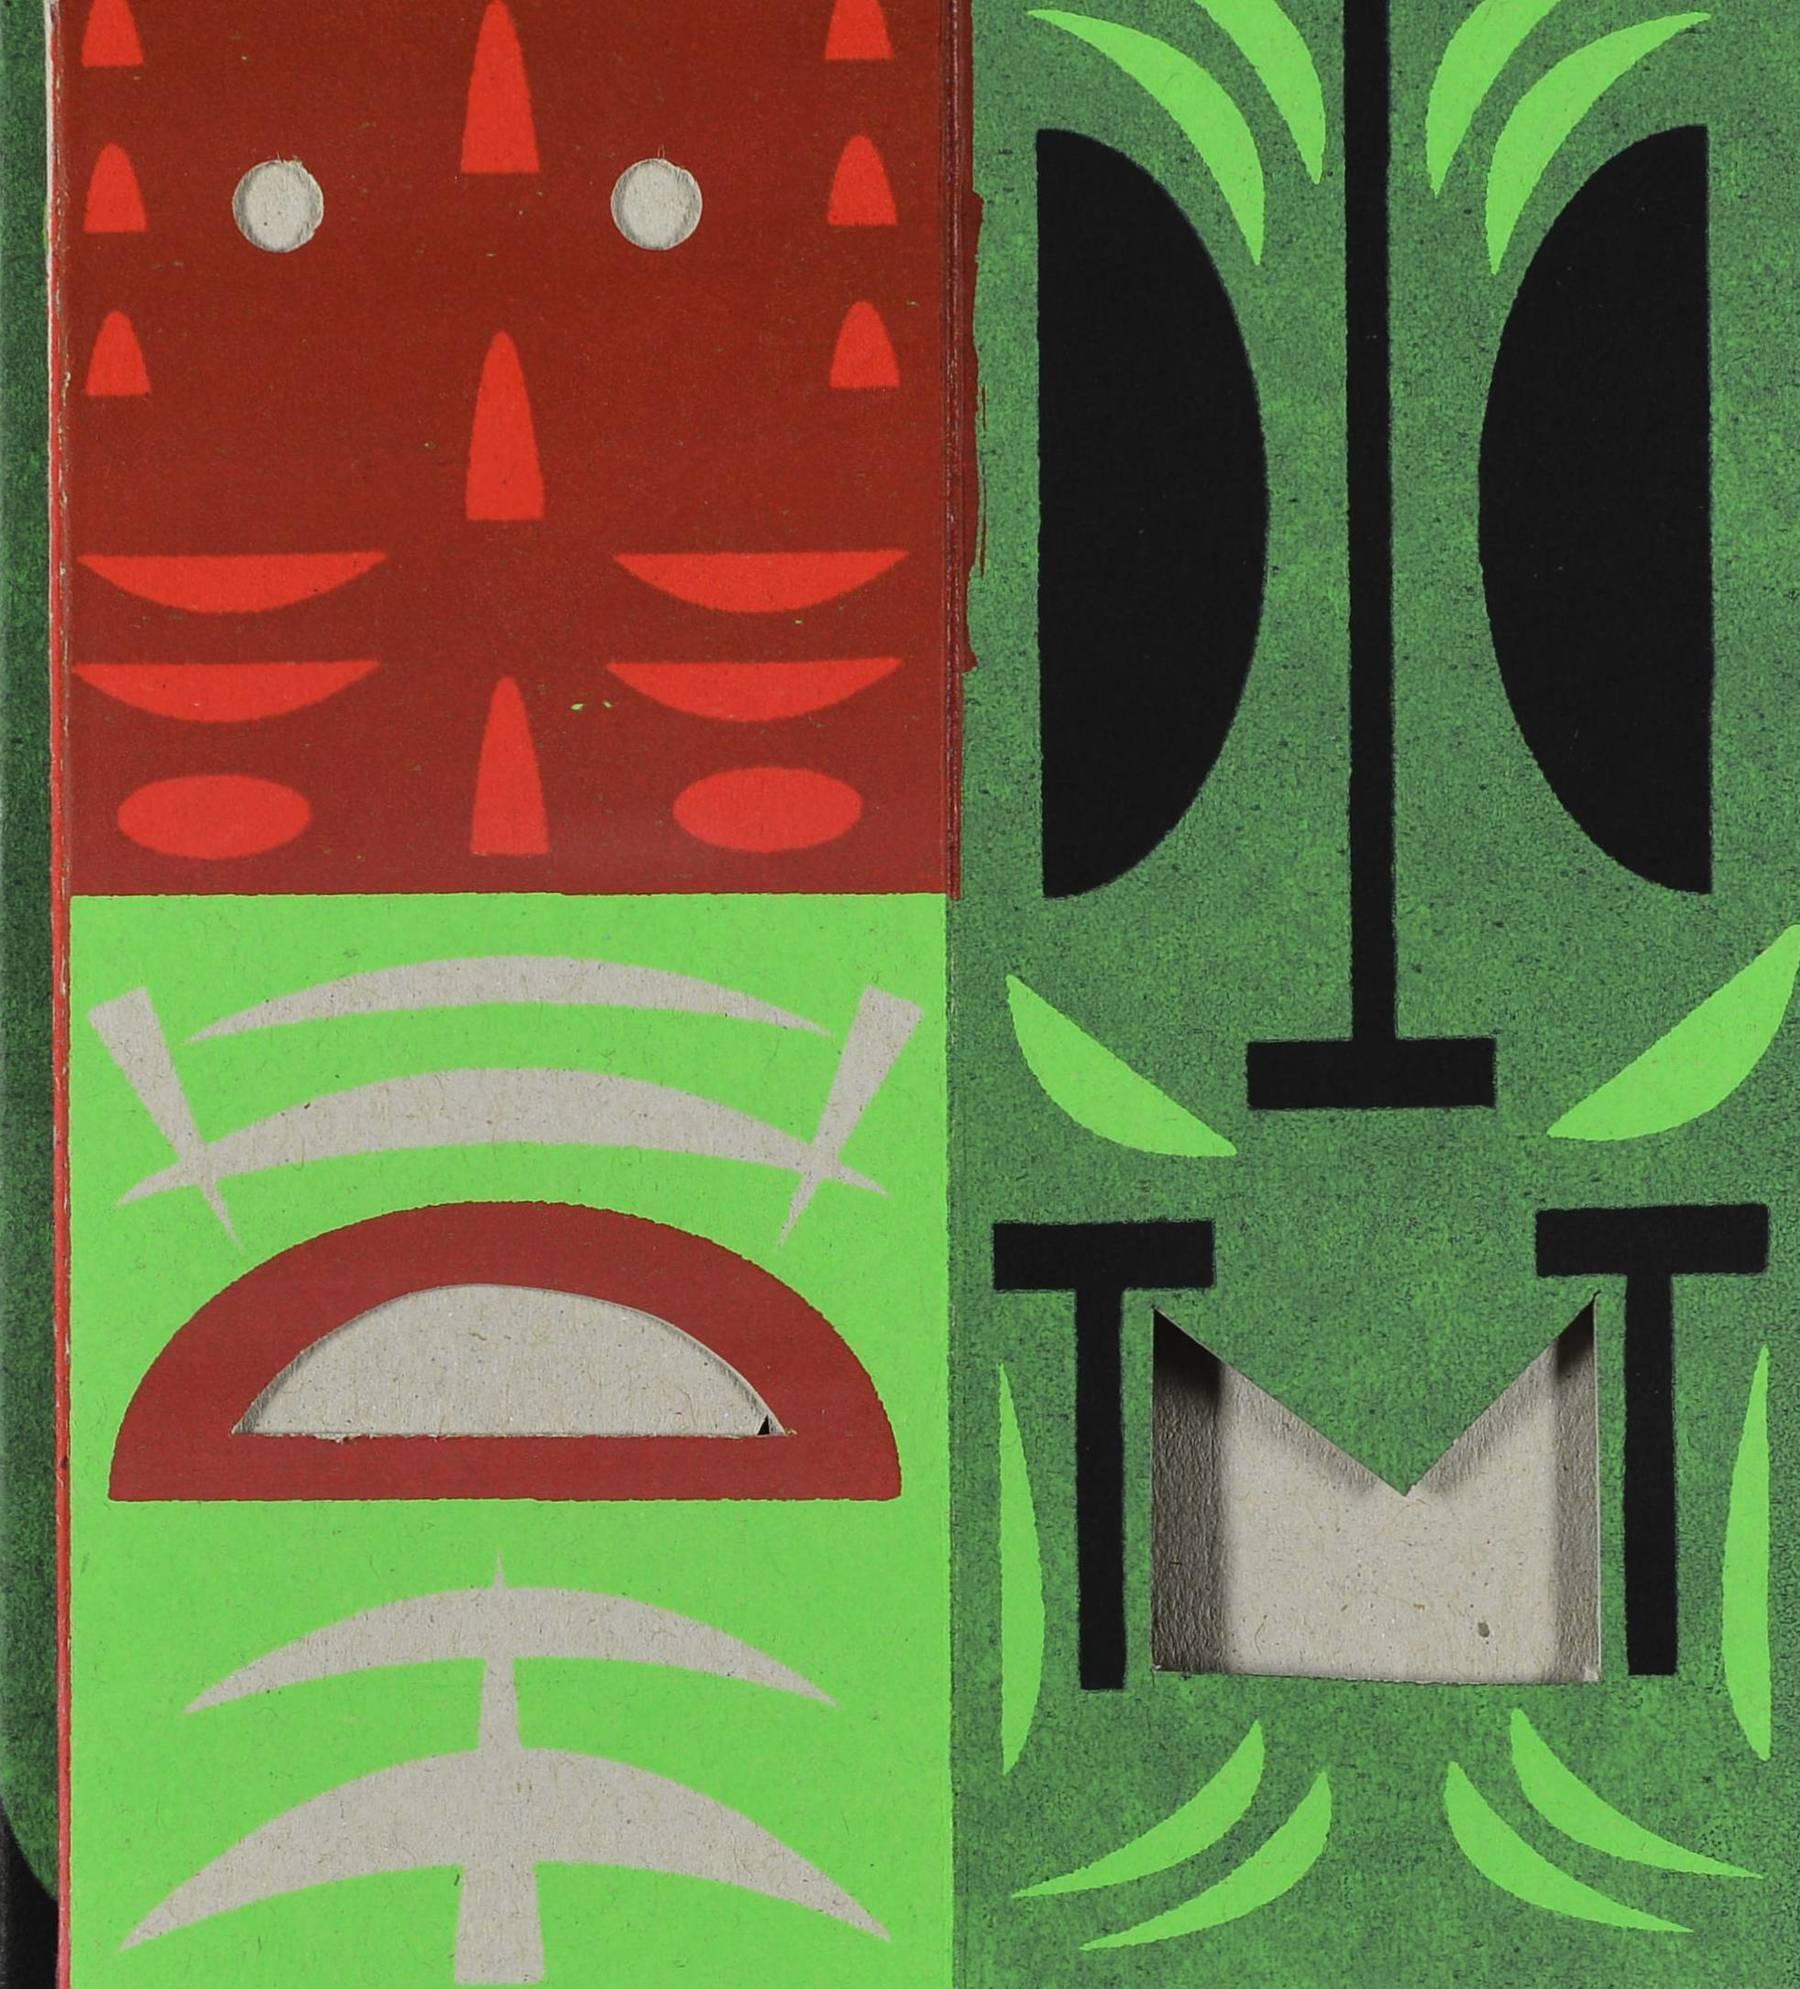 Contenu du Tikis de Polynésie rouge et vert